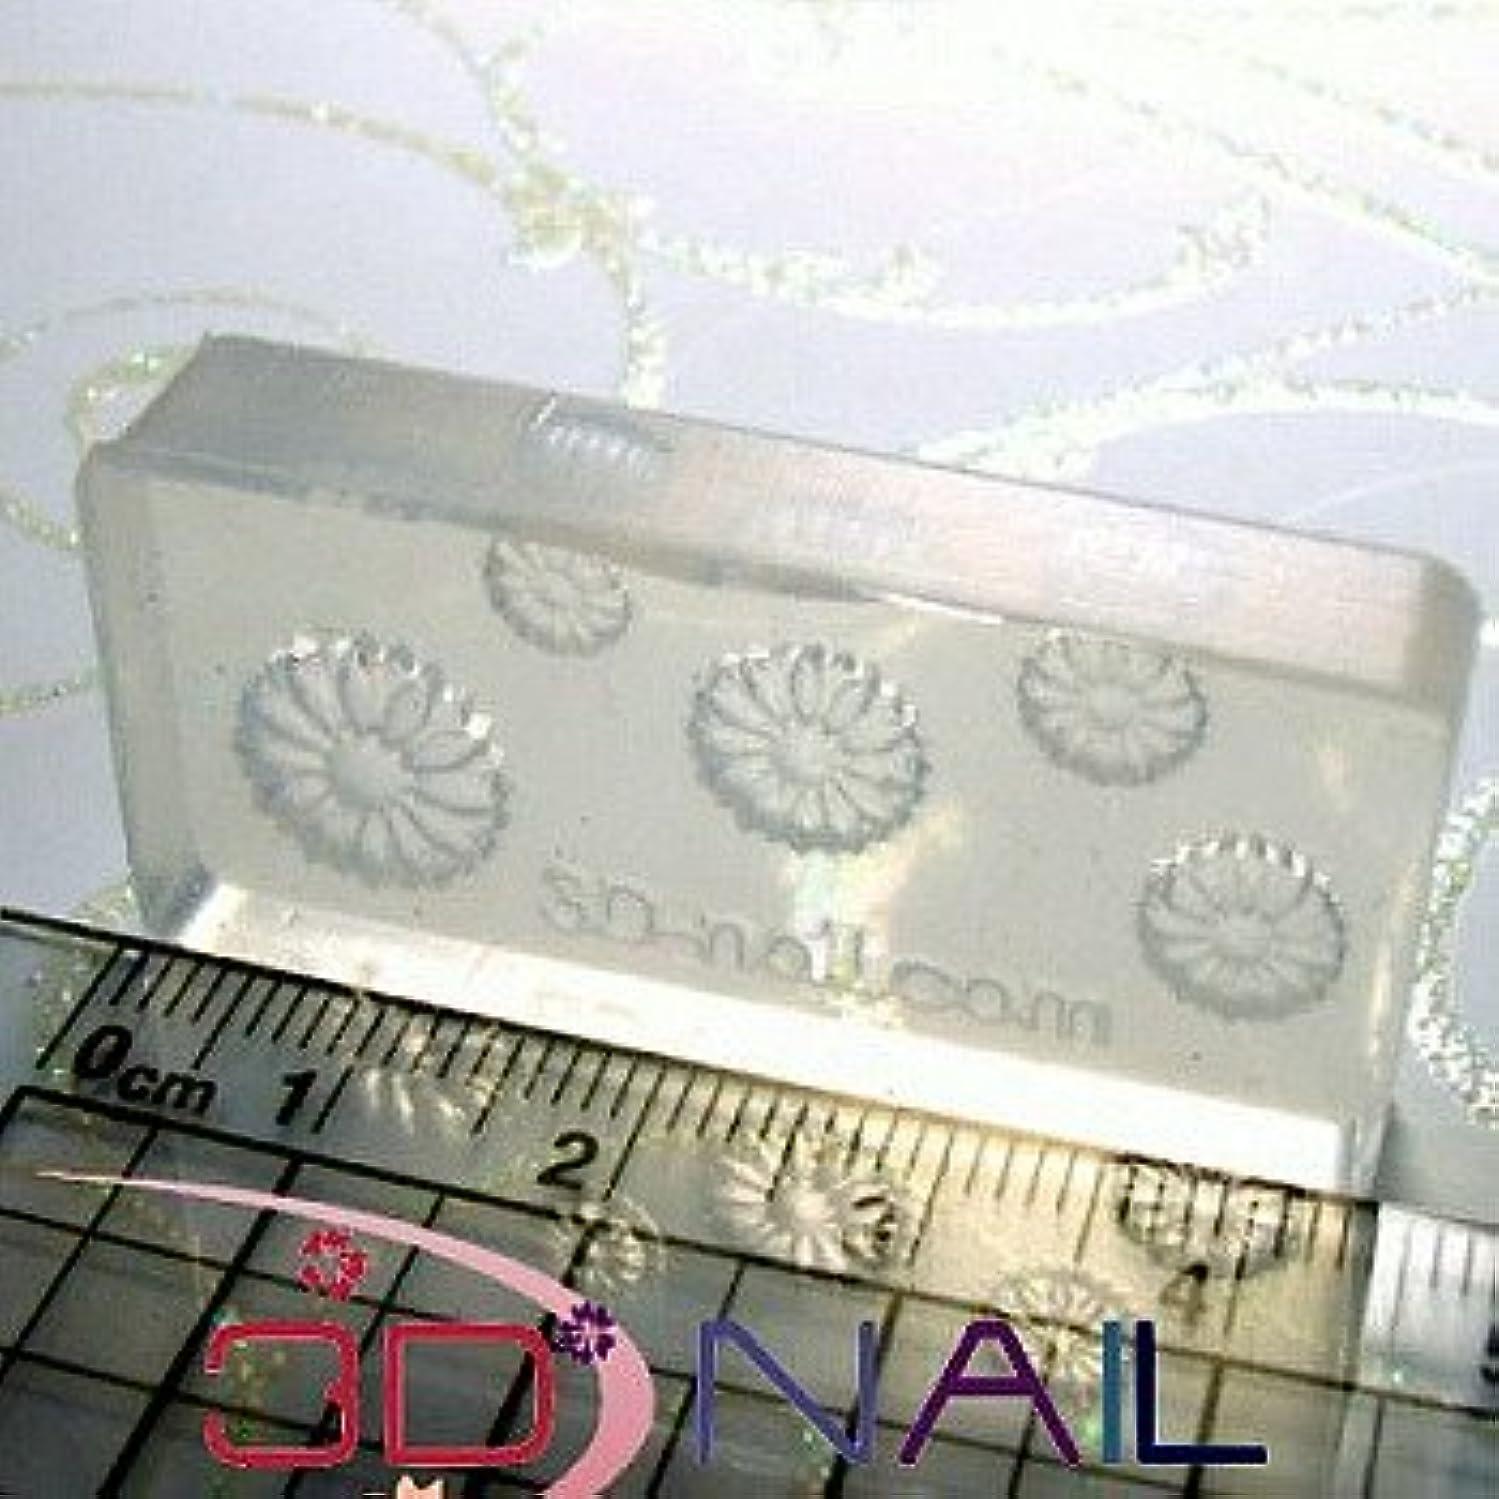 締める滑るエンジニア3Dシリコンモールド 自分でできる3Dネイル ネイルアート3D シリコン型 アクリルパウダーやジェルで簡単に!